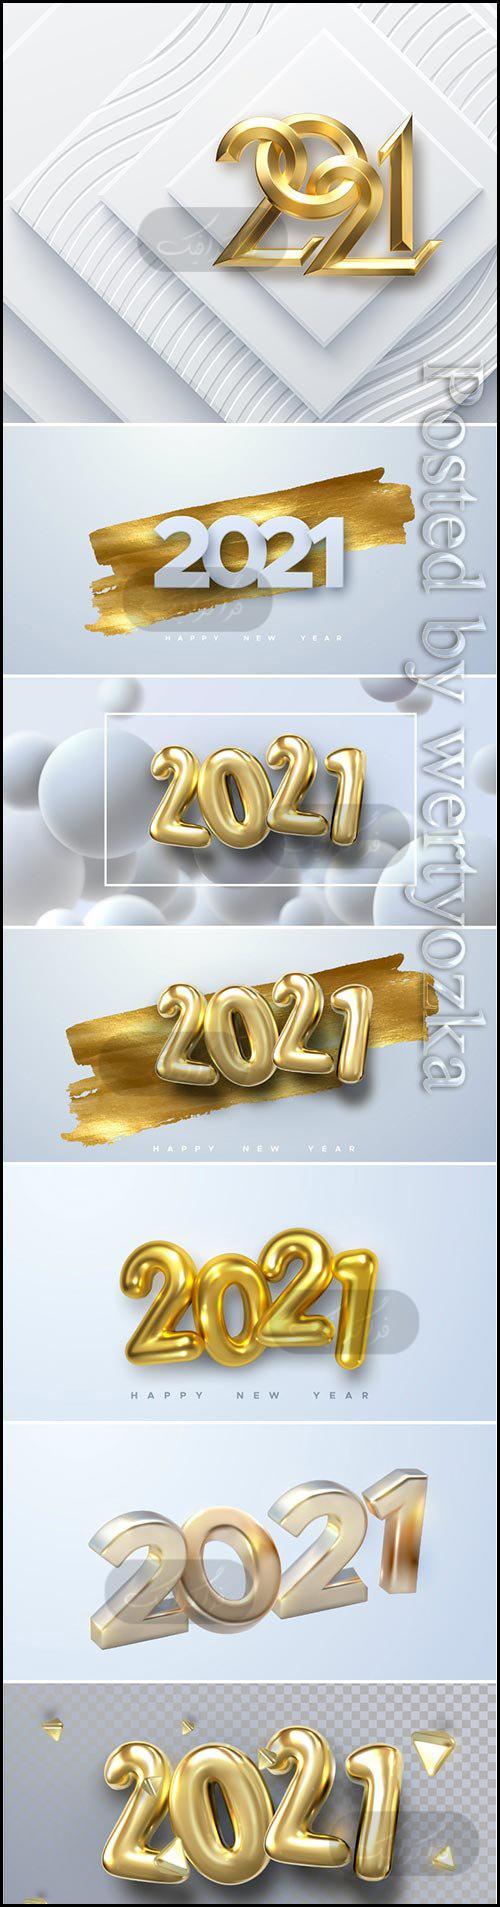 دانلود وکتور پس زمینه های طلایی سال 2021